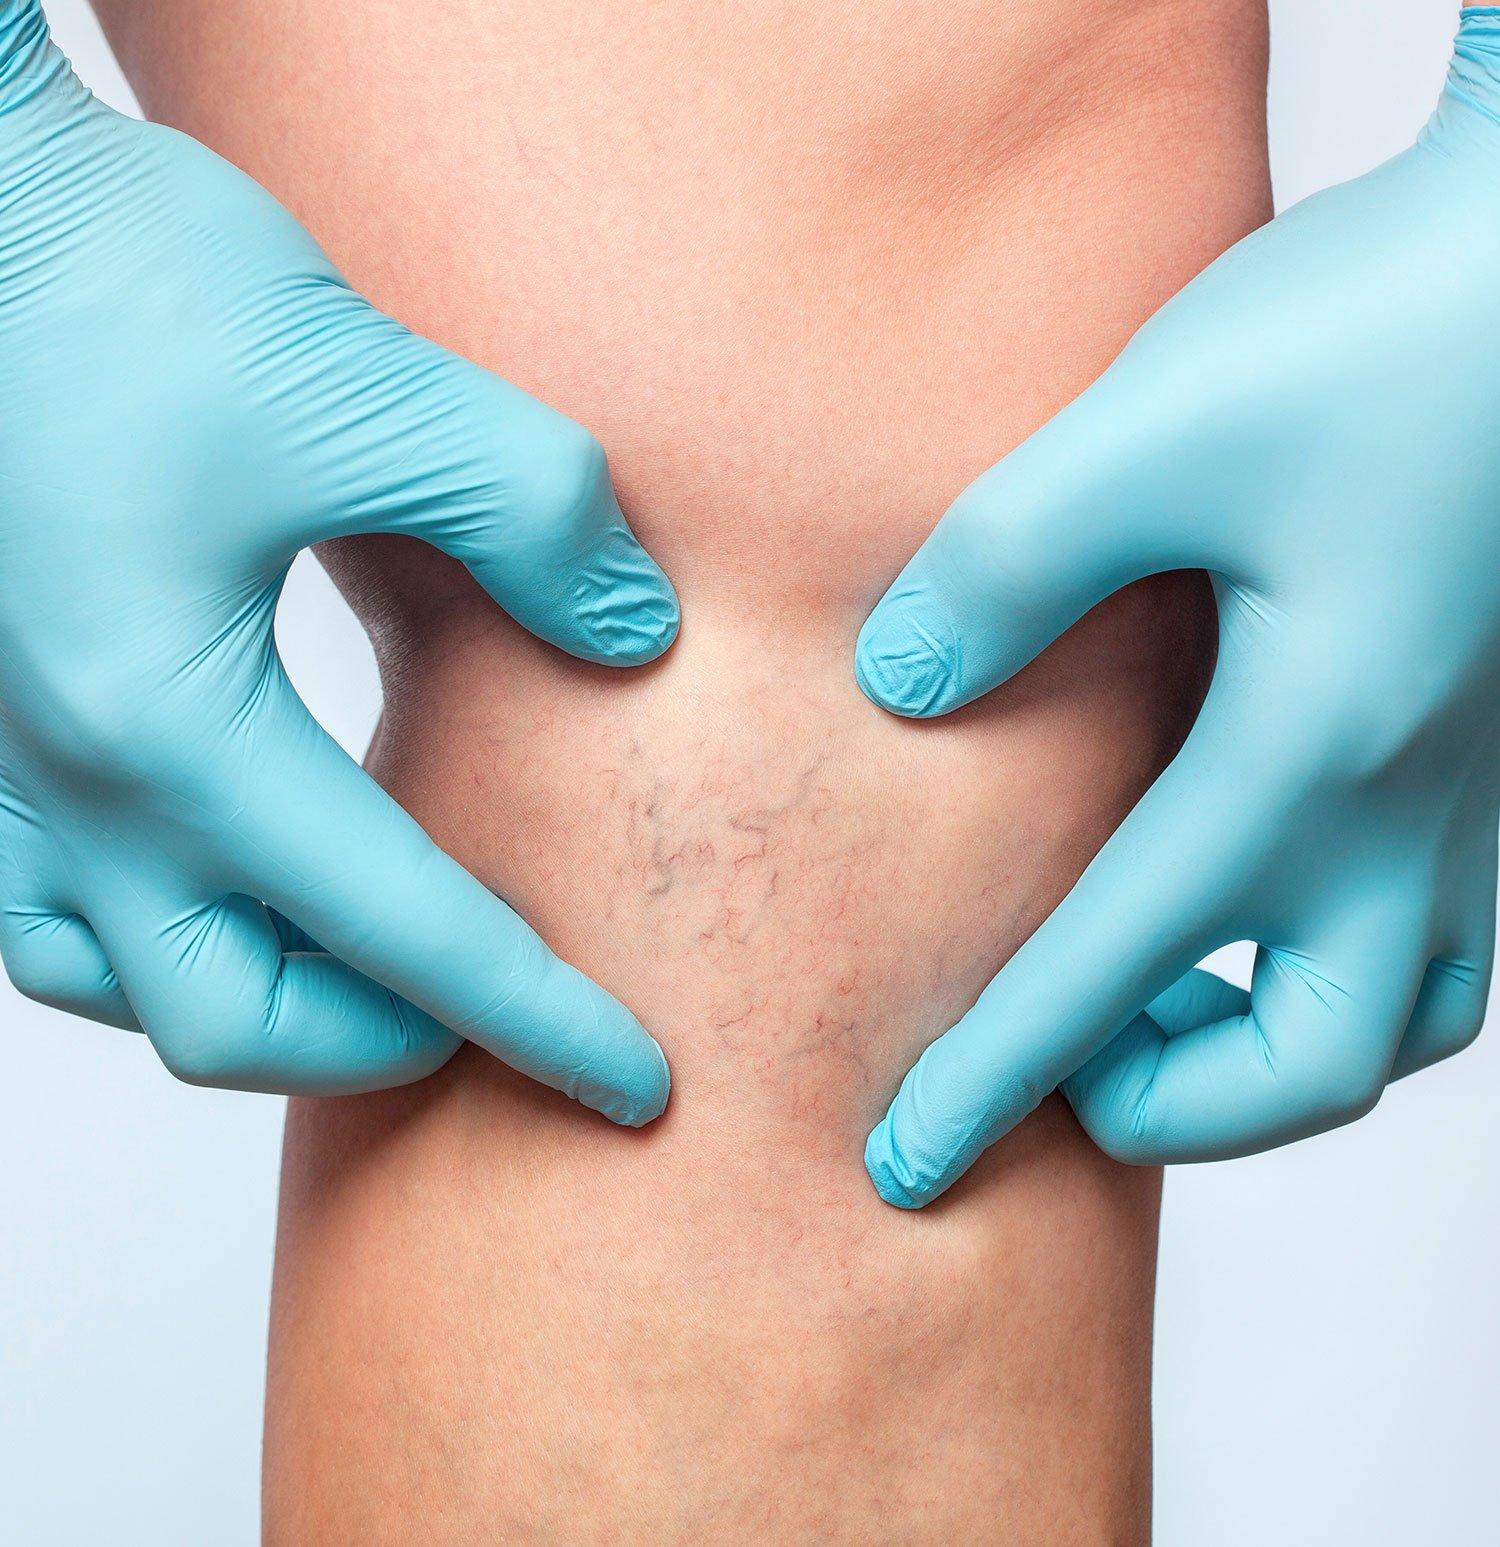 venous insufficiency treatment